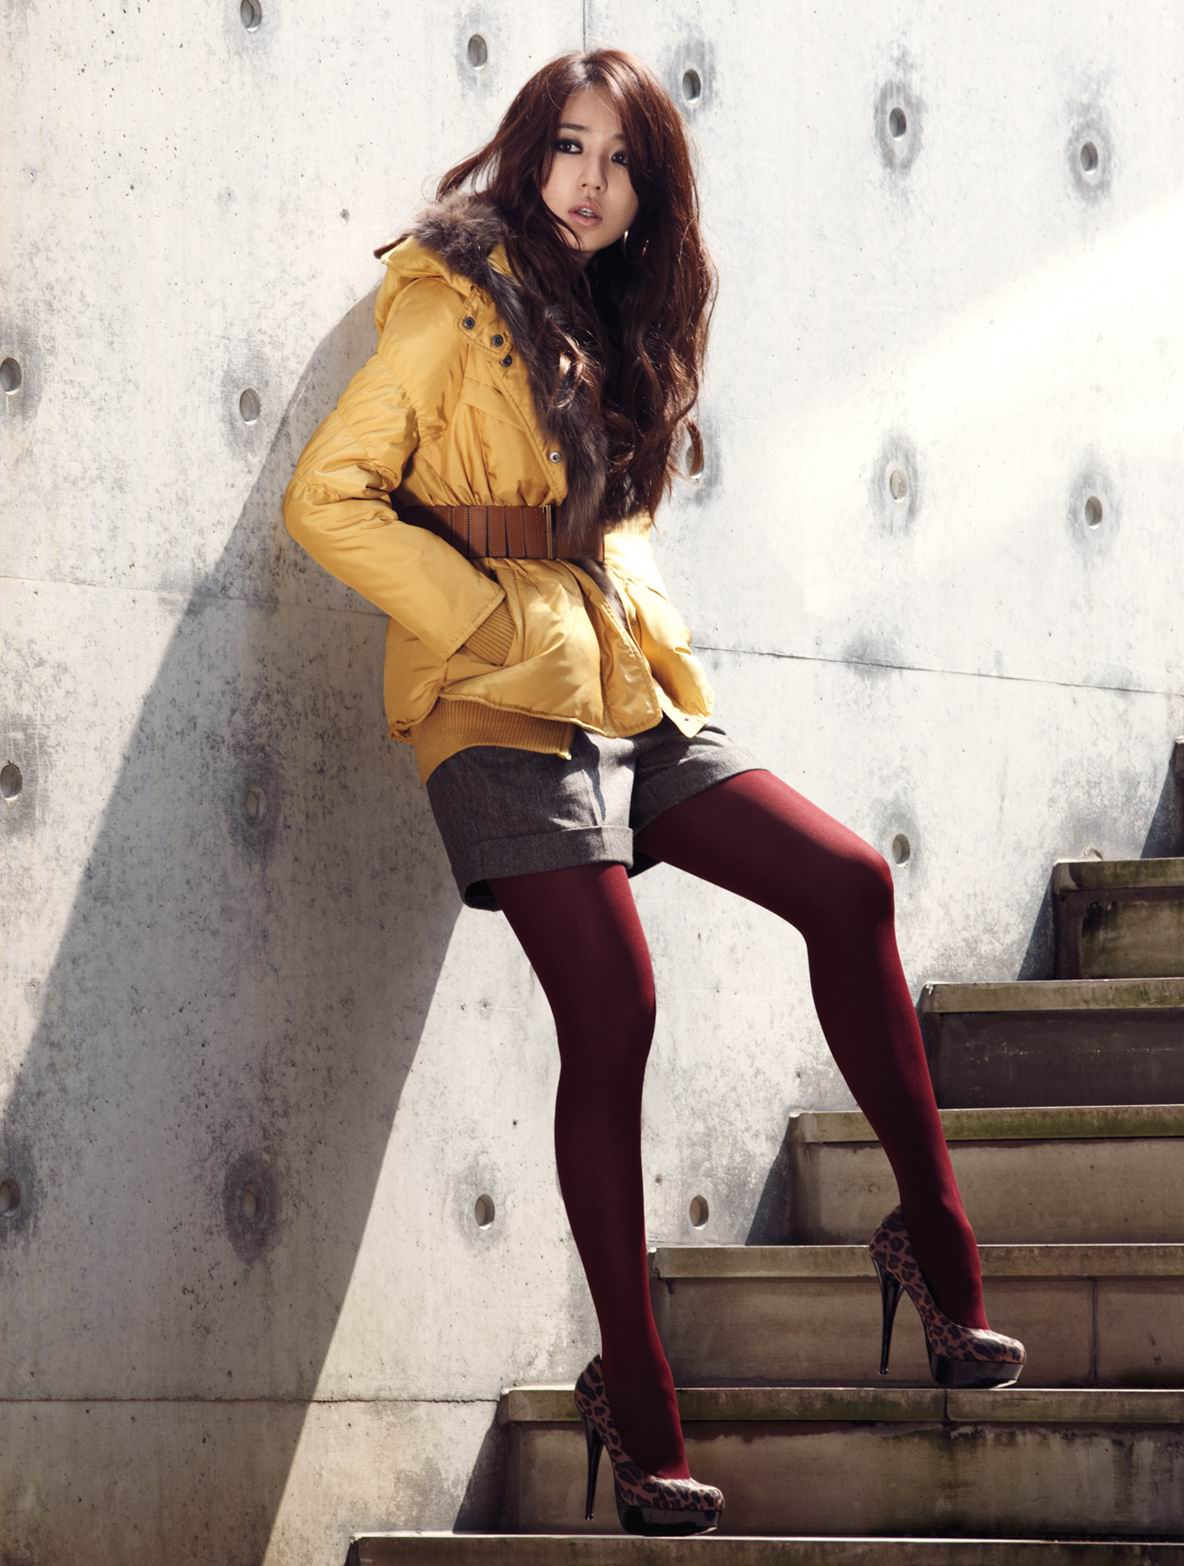 http://3.bp.blogspot.com/_csAyGOQxFJQ/TM5cFUcVCBI/AAAAAAAALa0/-WHwijK0fIc/s1600/cutekimchi.com_YoonEunHye-1-23.jpg